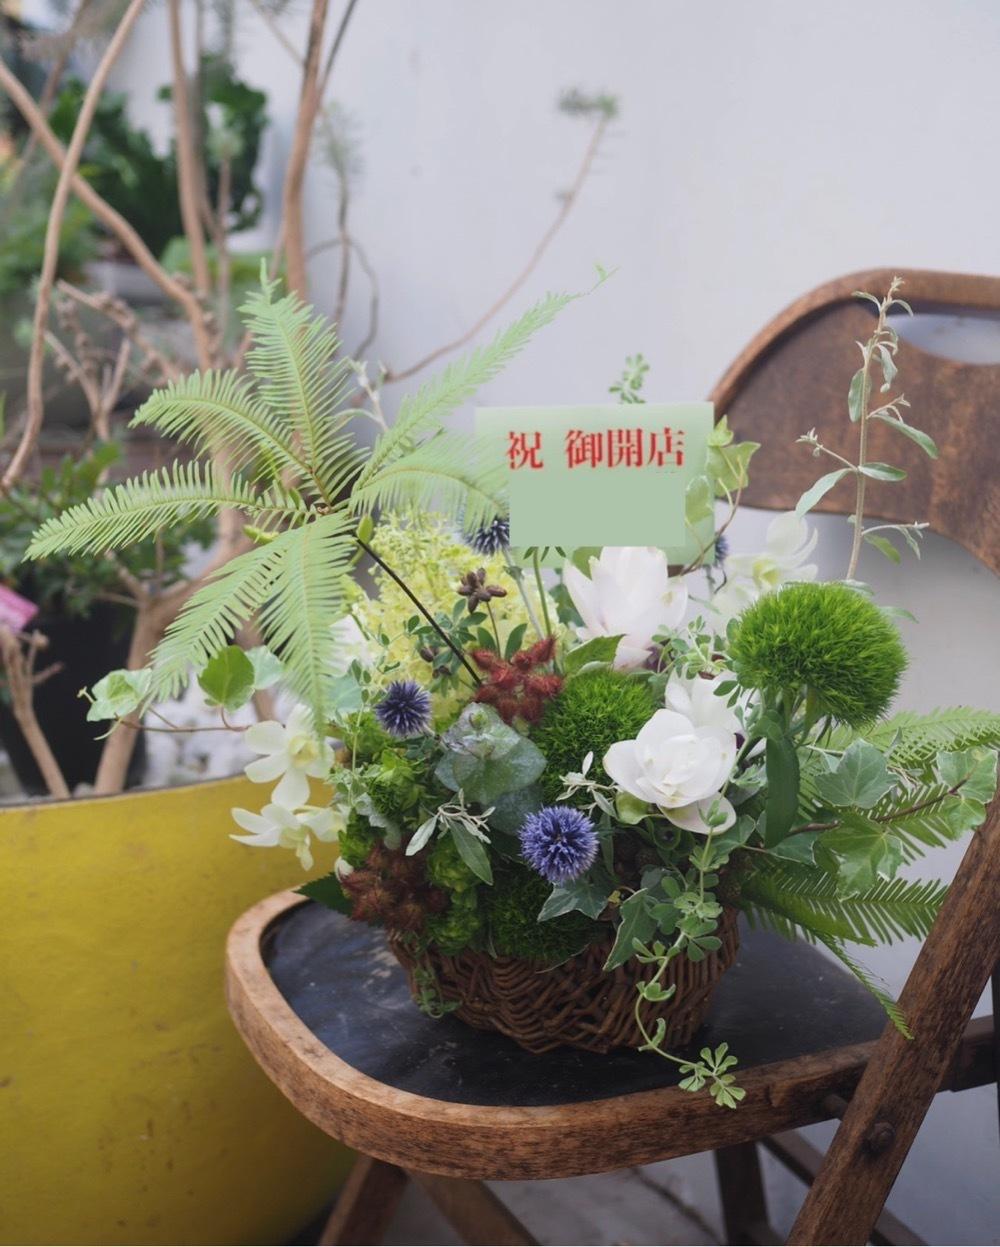 「コロナ禍の大変な時であっても奮闘されるご友人へ」エールの想いが込められた開店祝い花